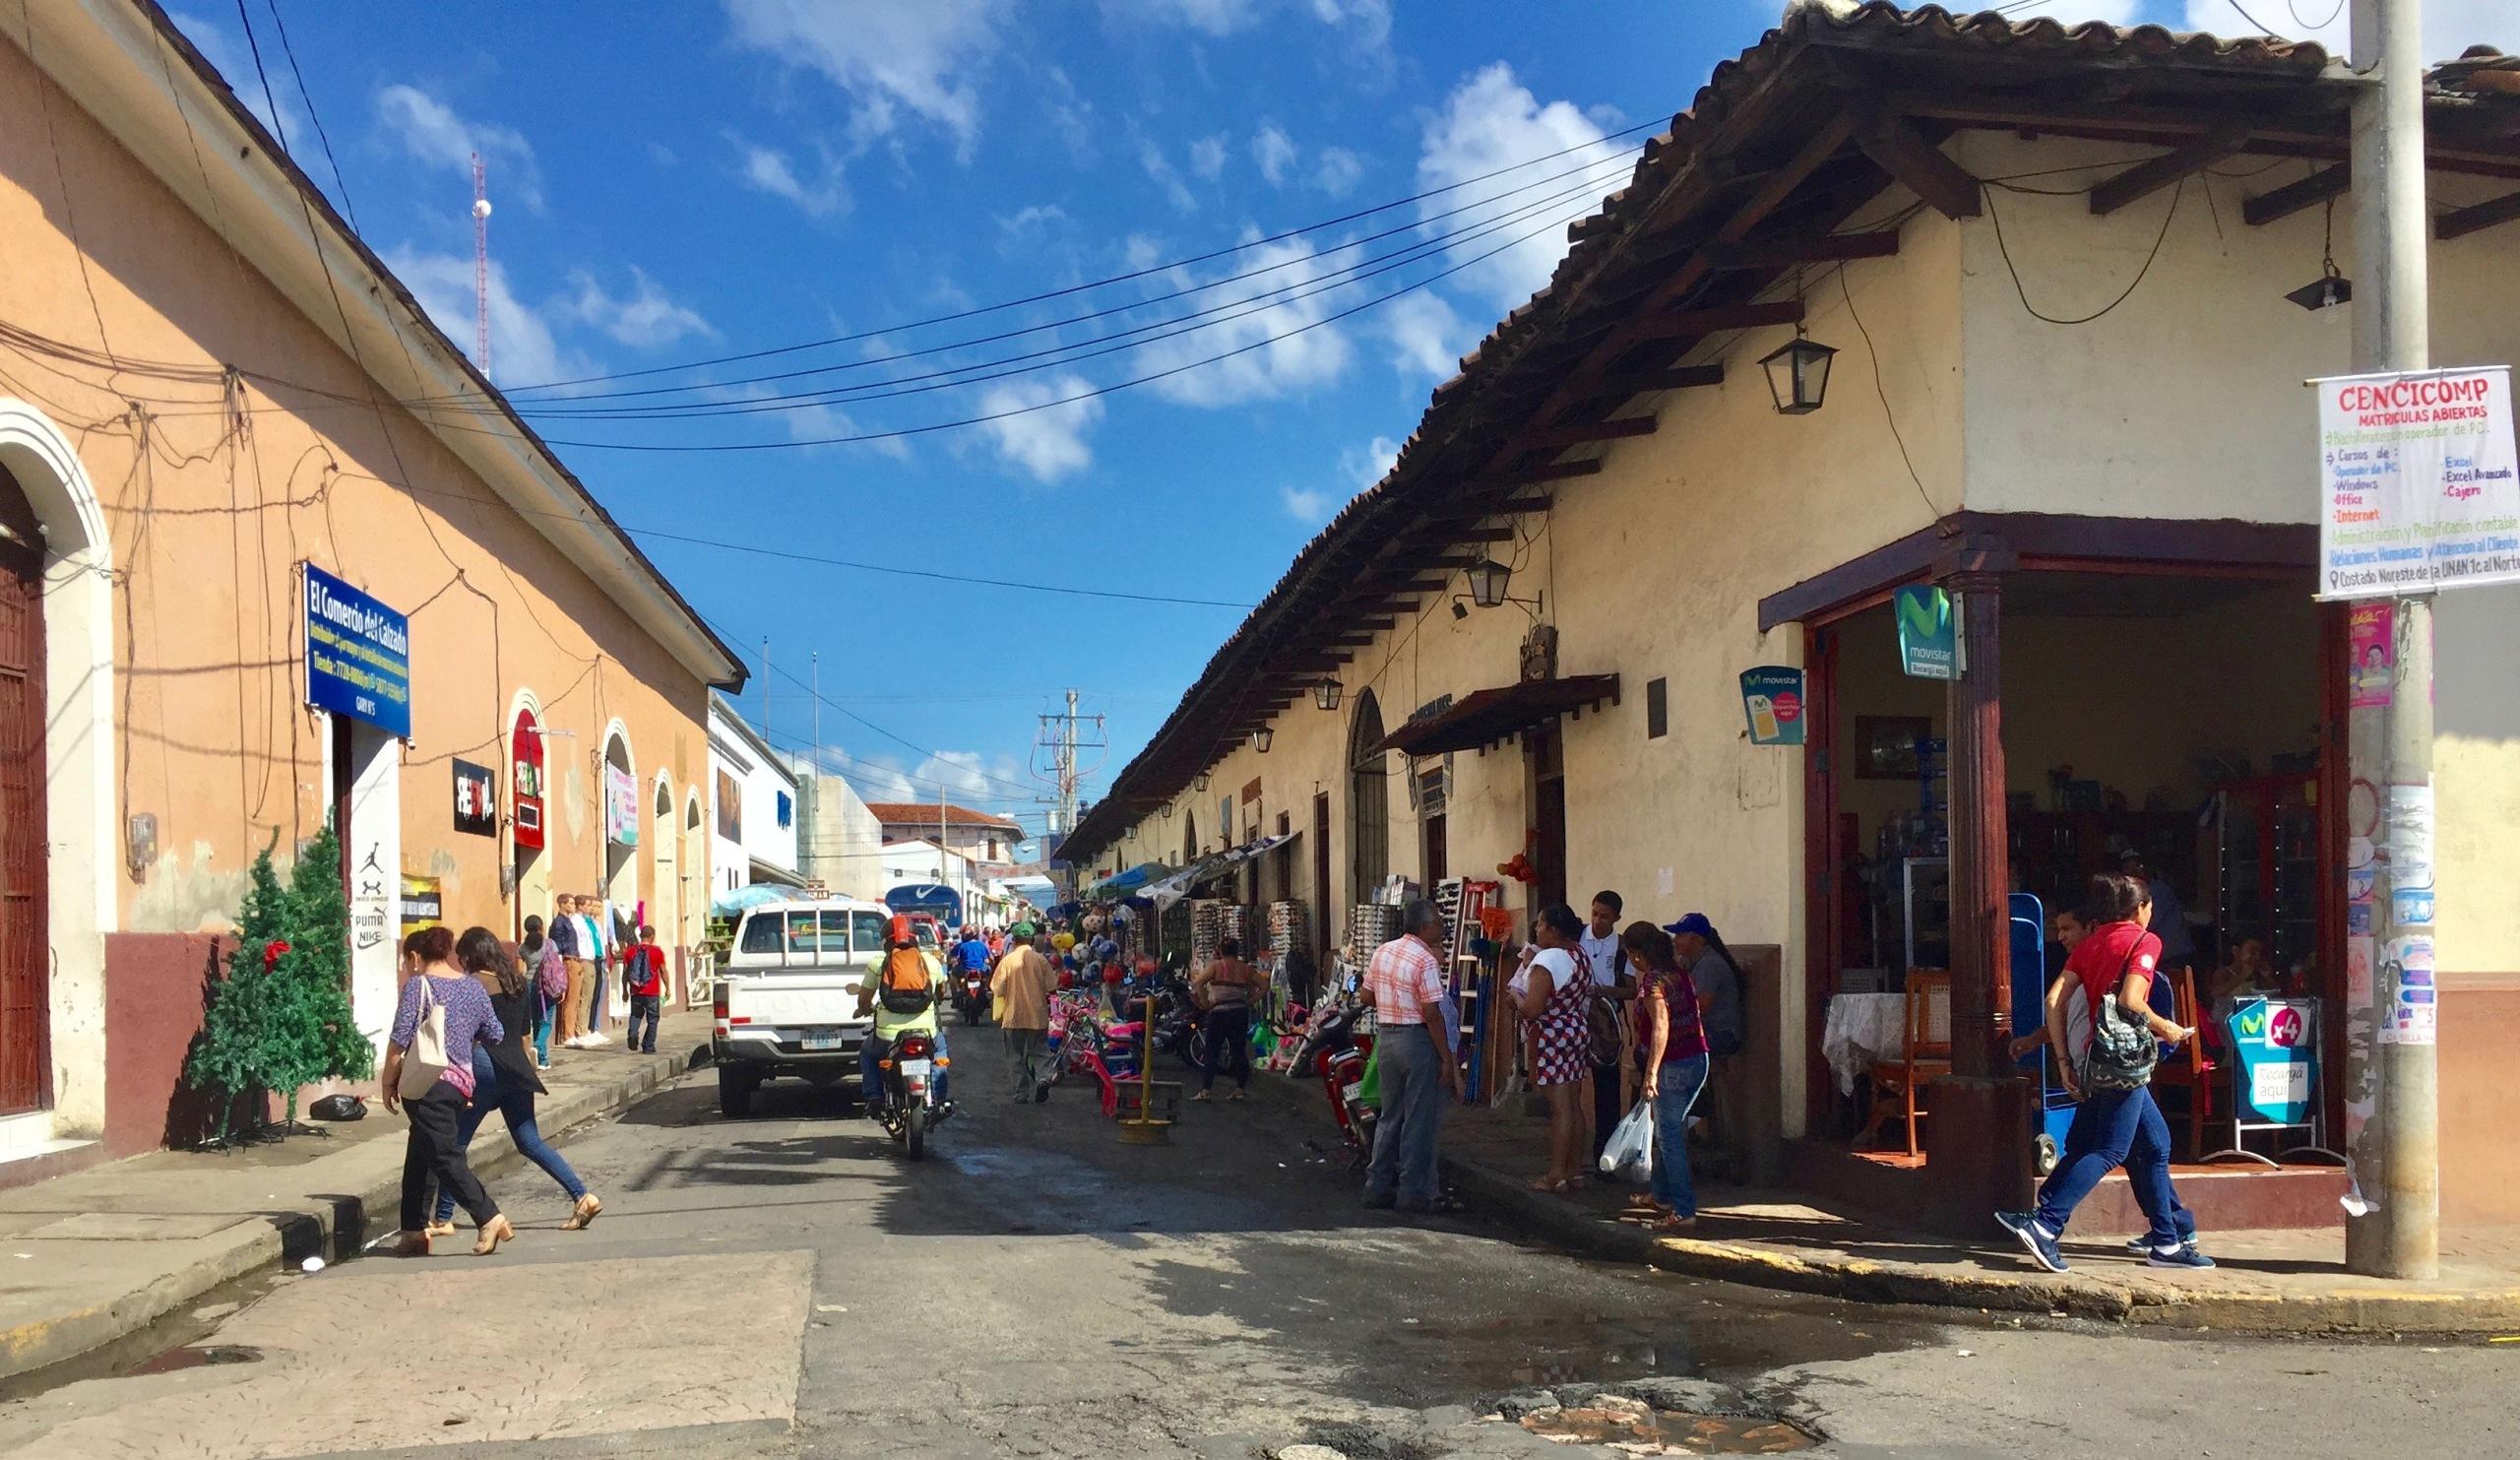 Leon, Nicaragua, street vendors, sidewalks